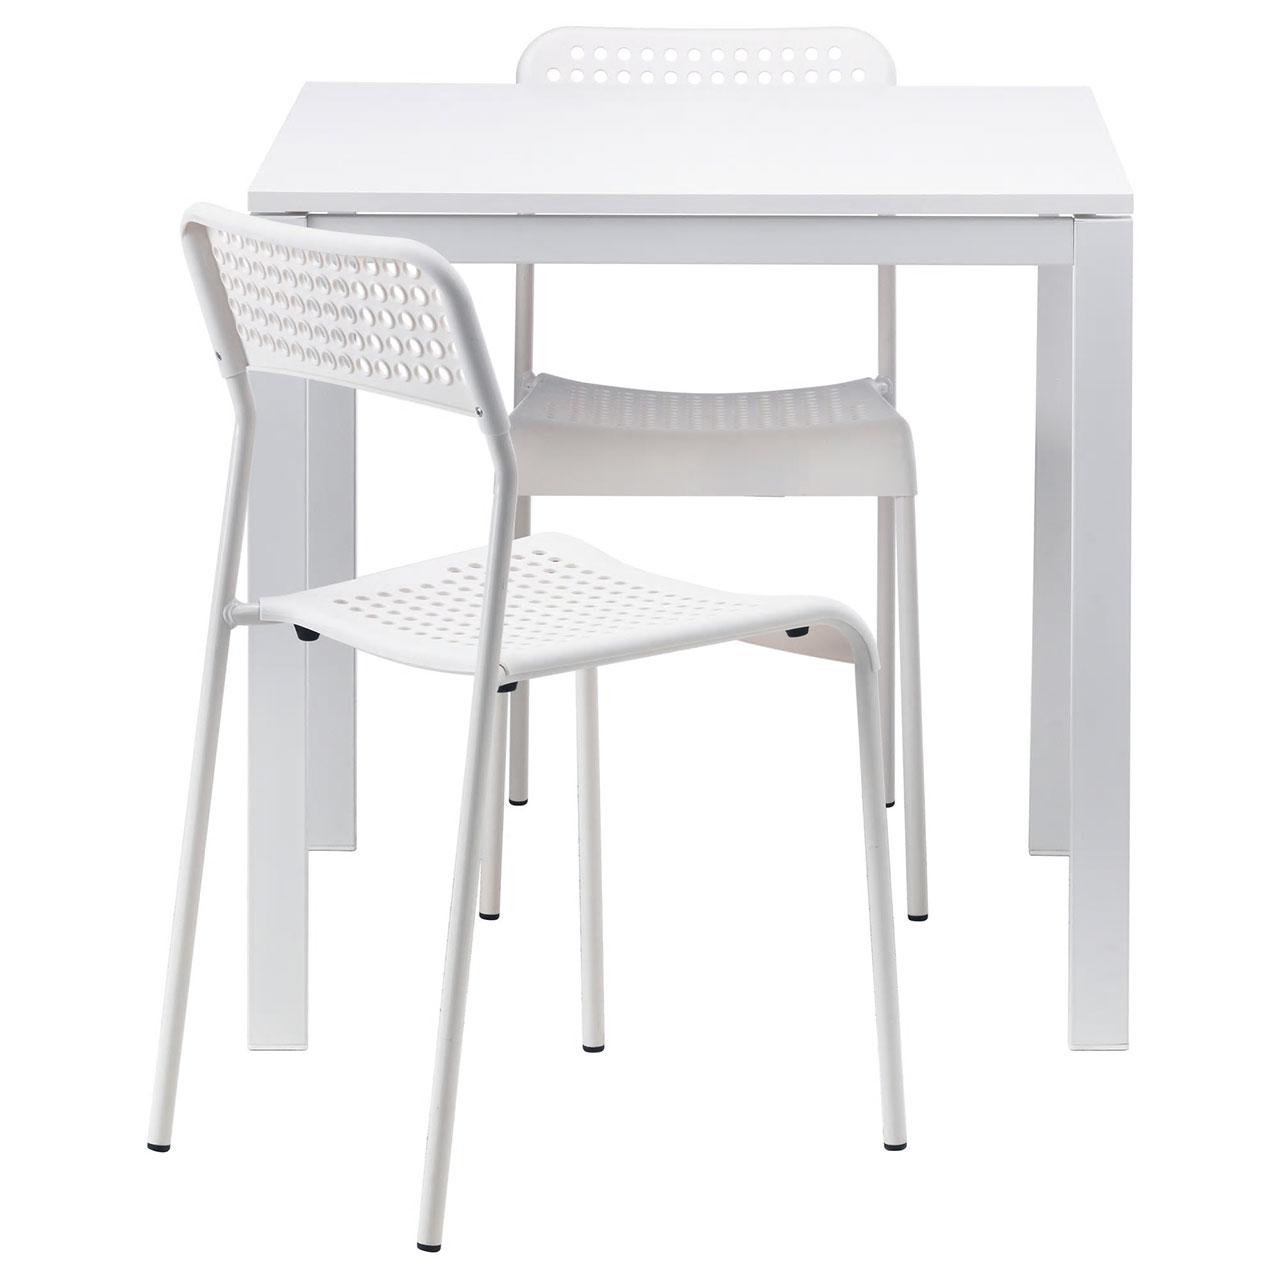 میز و صندلی ناهار خوری ایکیا مدل MELLTORP - ADDE